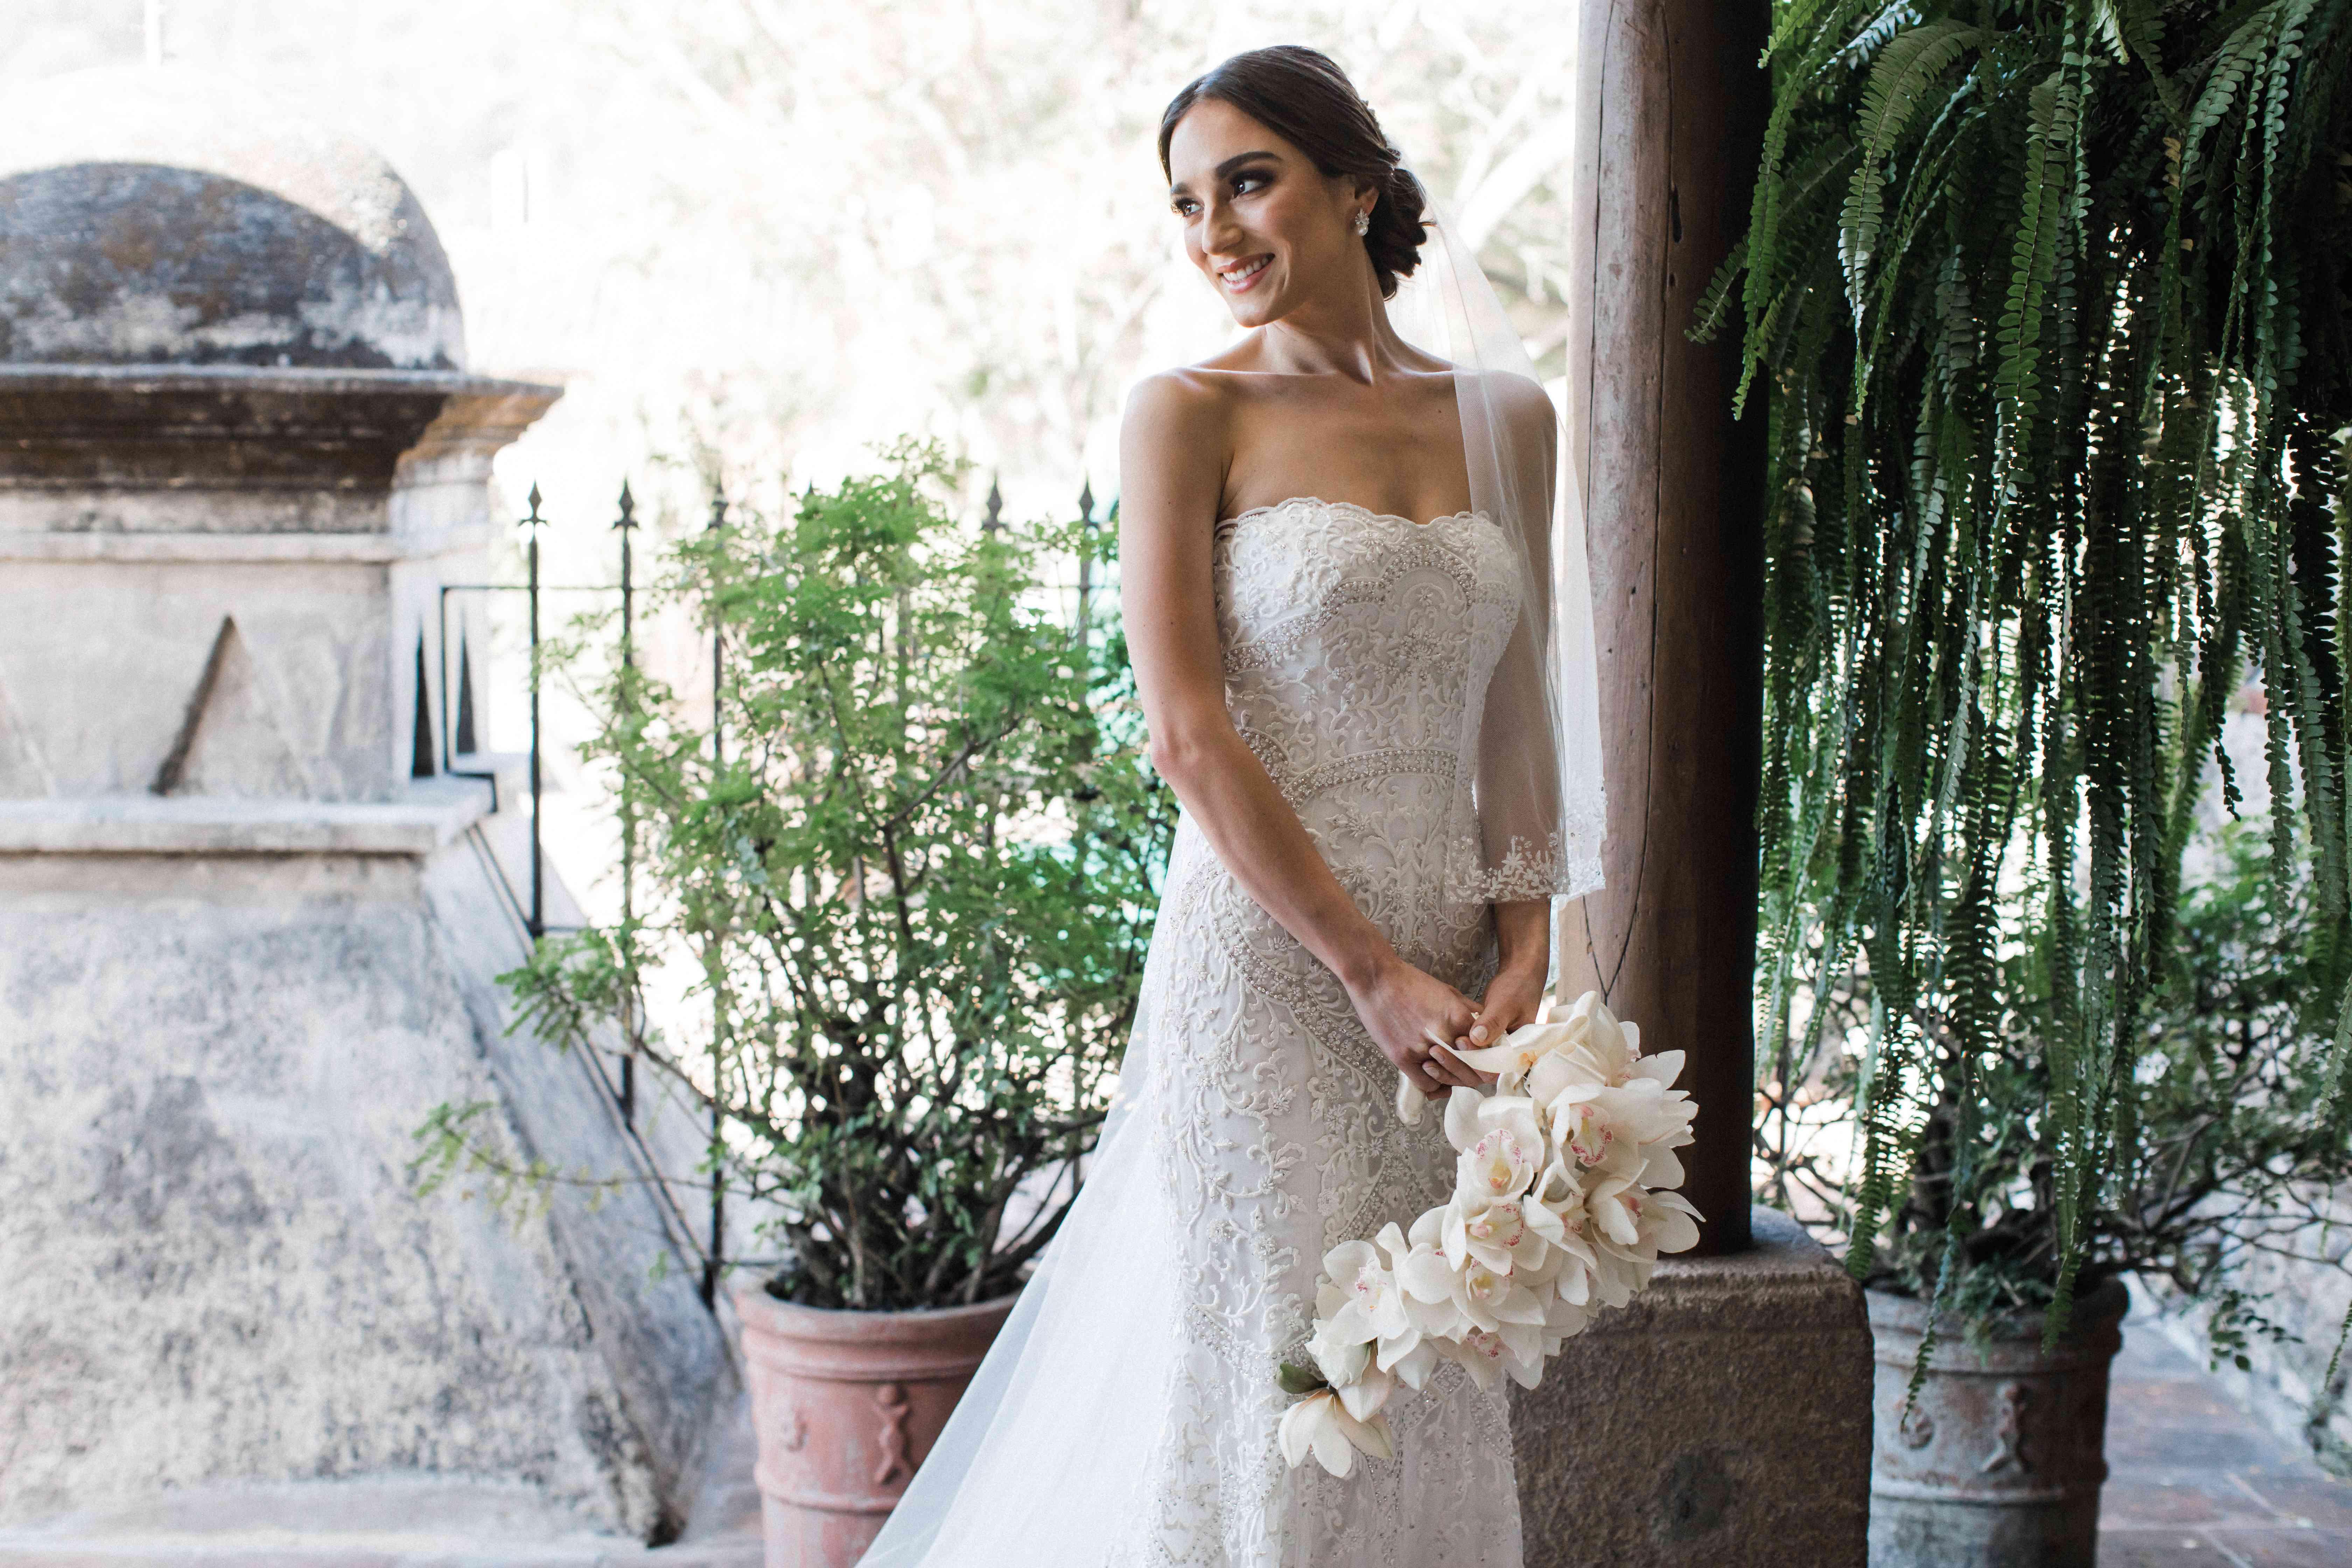 Bride holding orchid bouquet